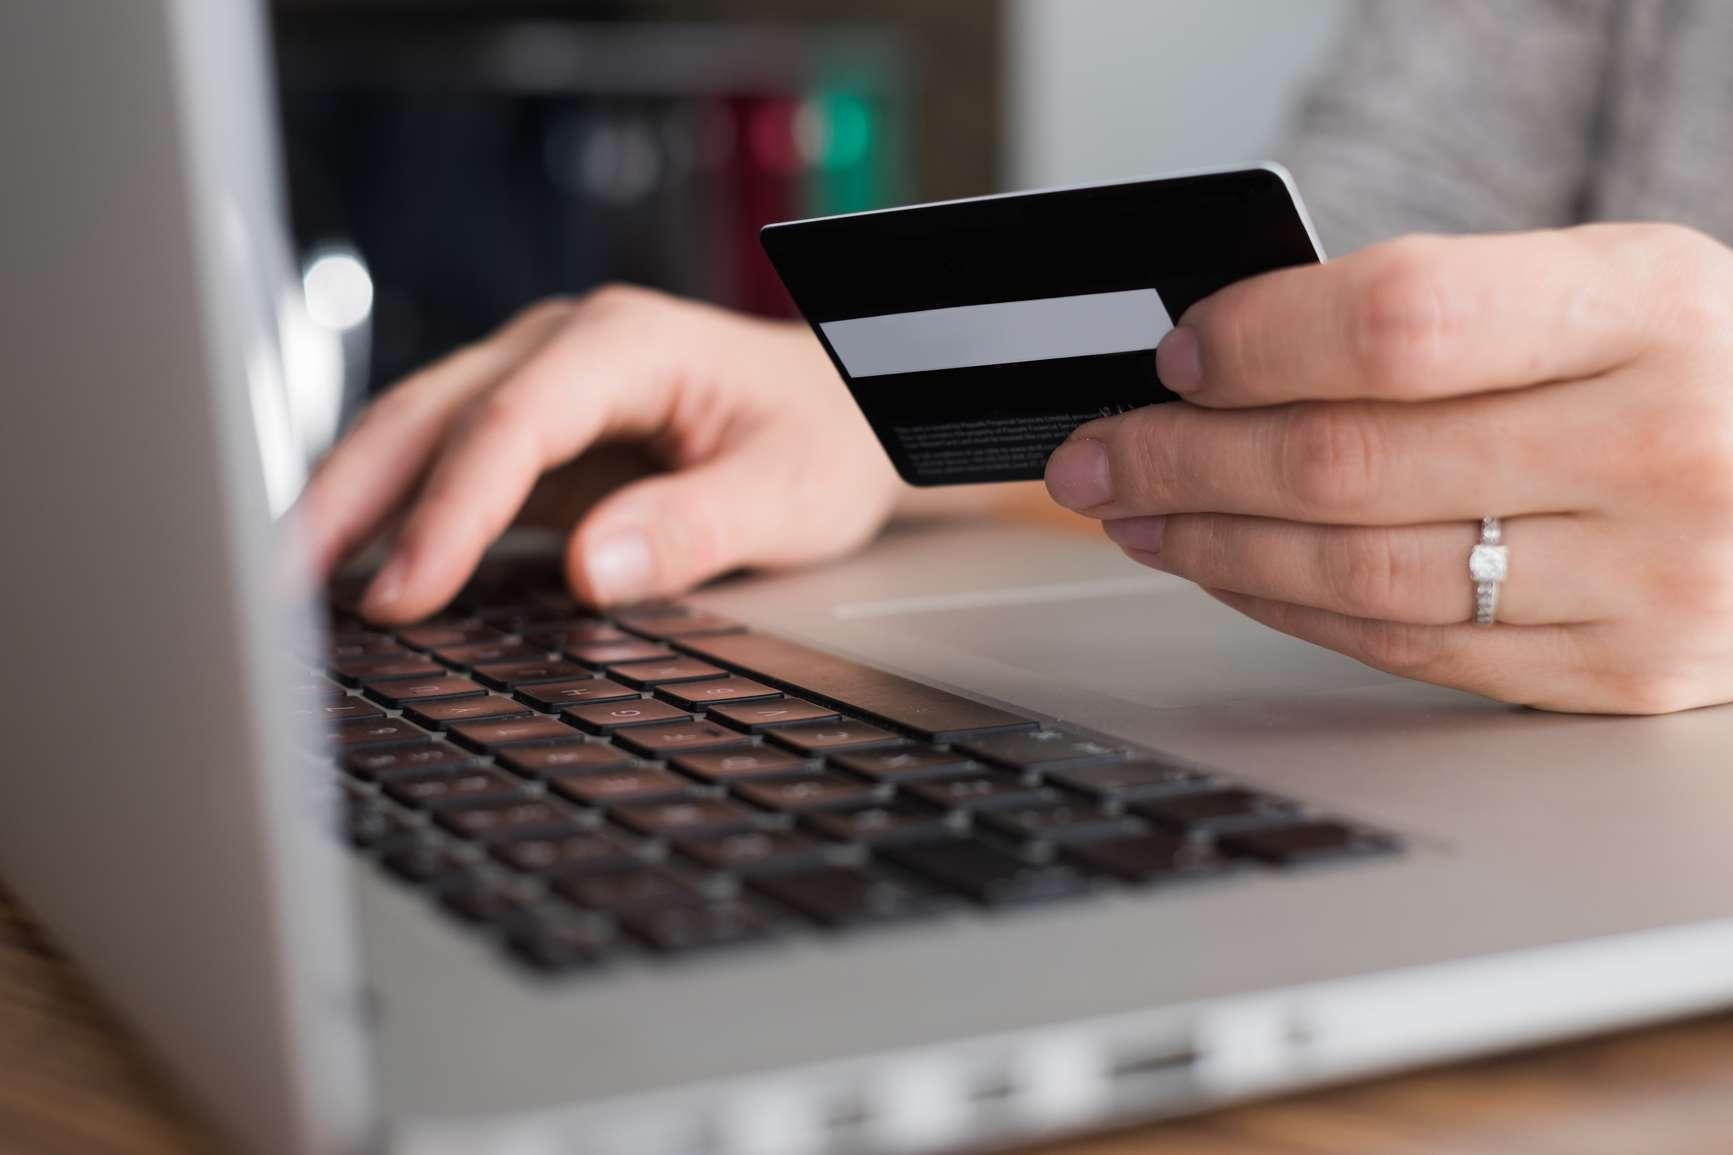 Med innboforsikring i Frende hjelper vi deg ved ID-tyveri - person med datamaskin og kredittkort